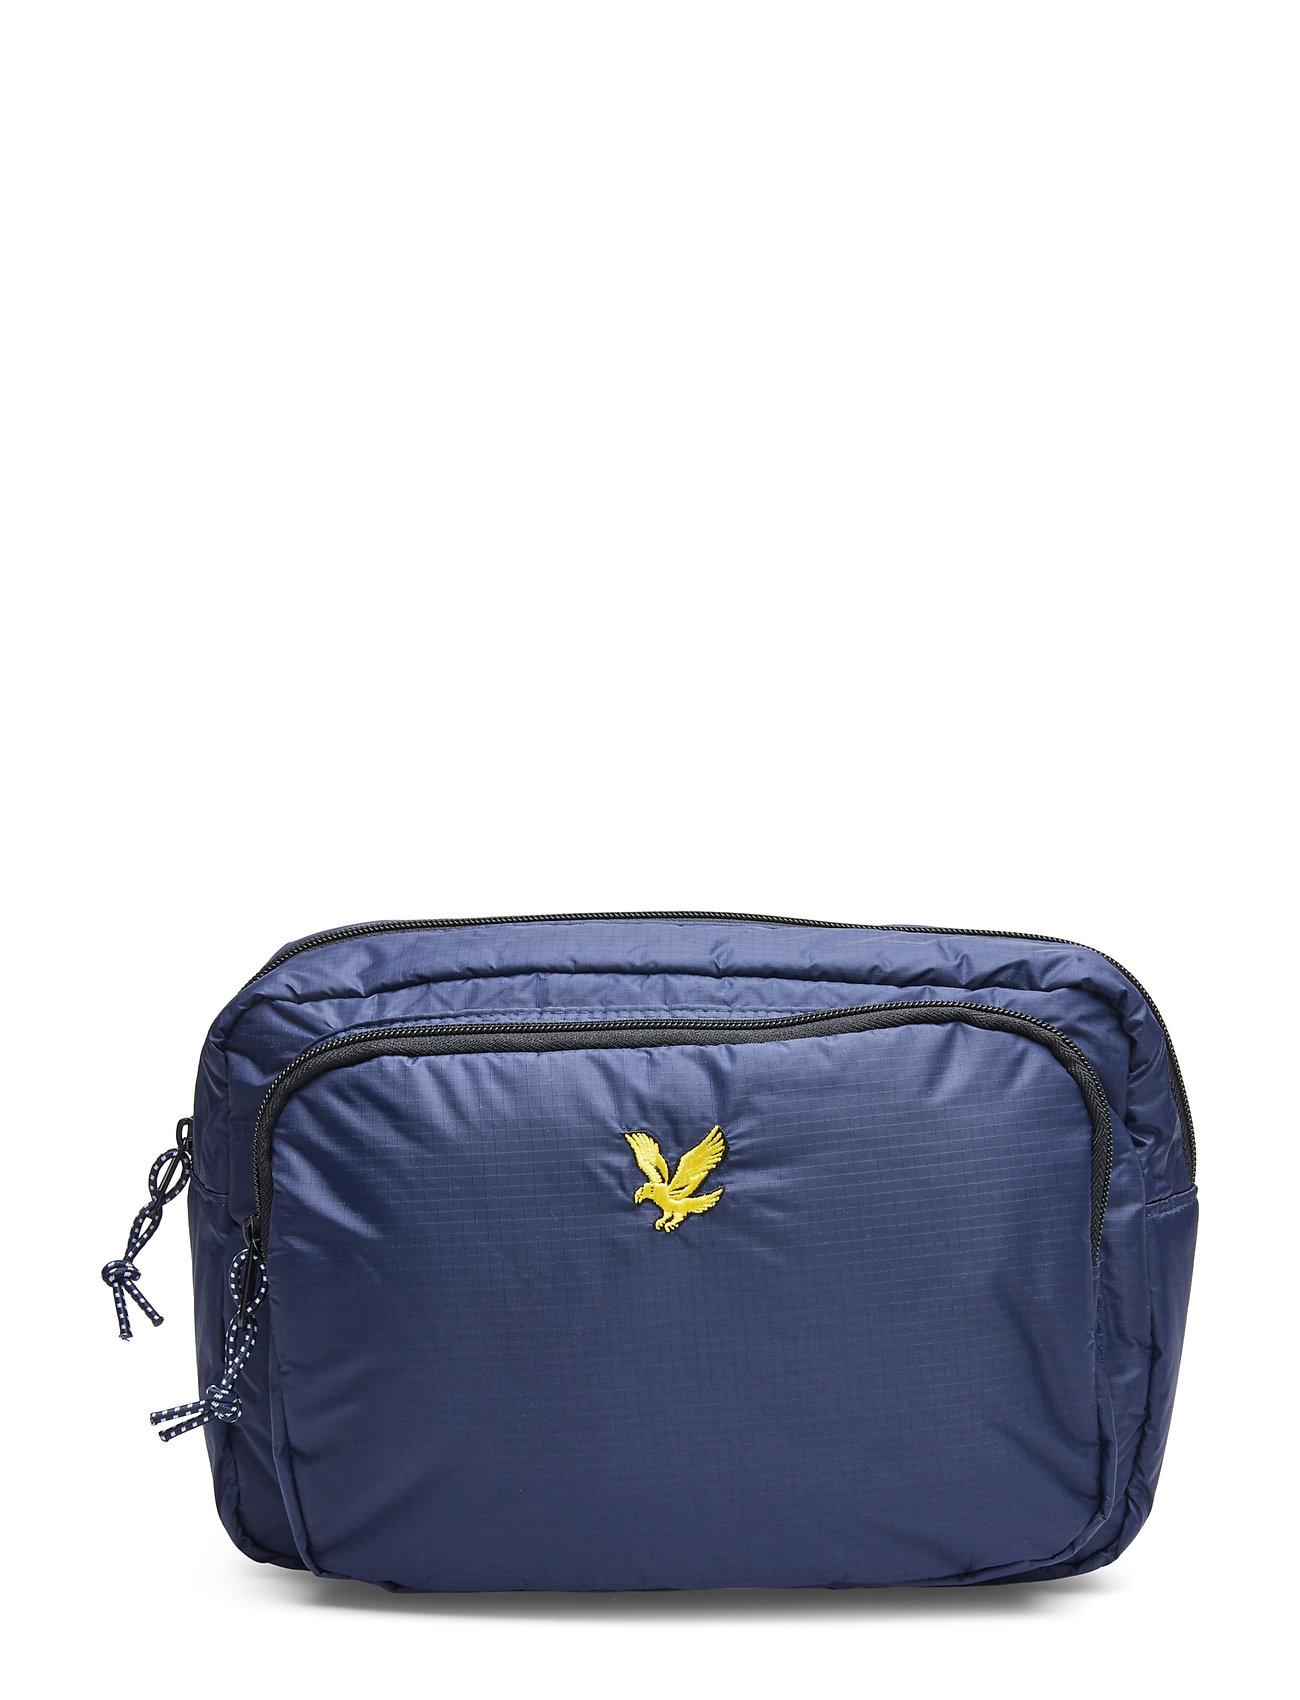 Lyle & Scott Wadded Side Bag - NAVY